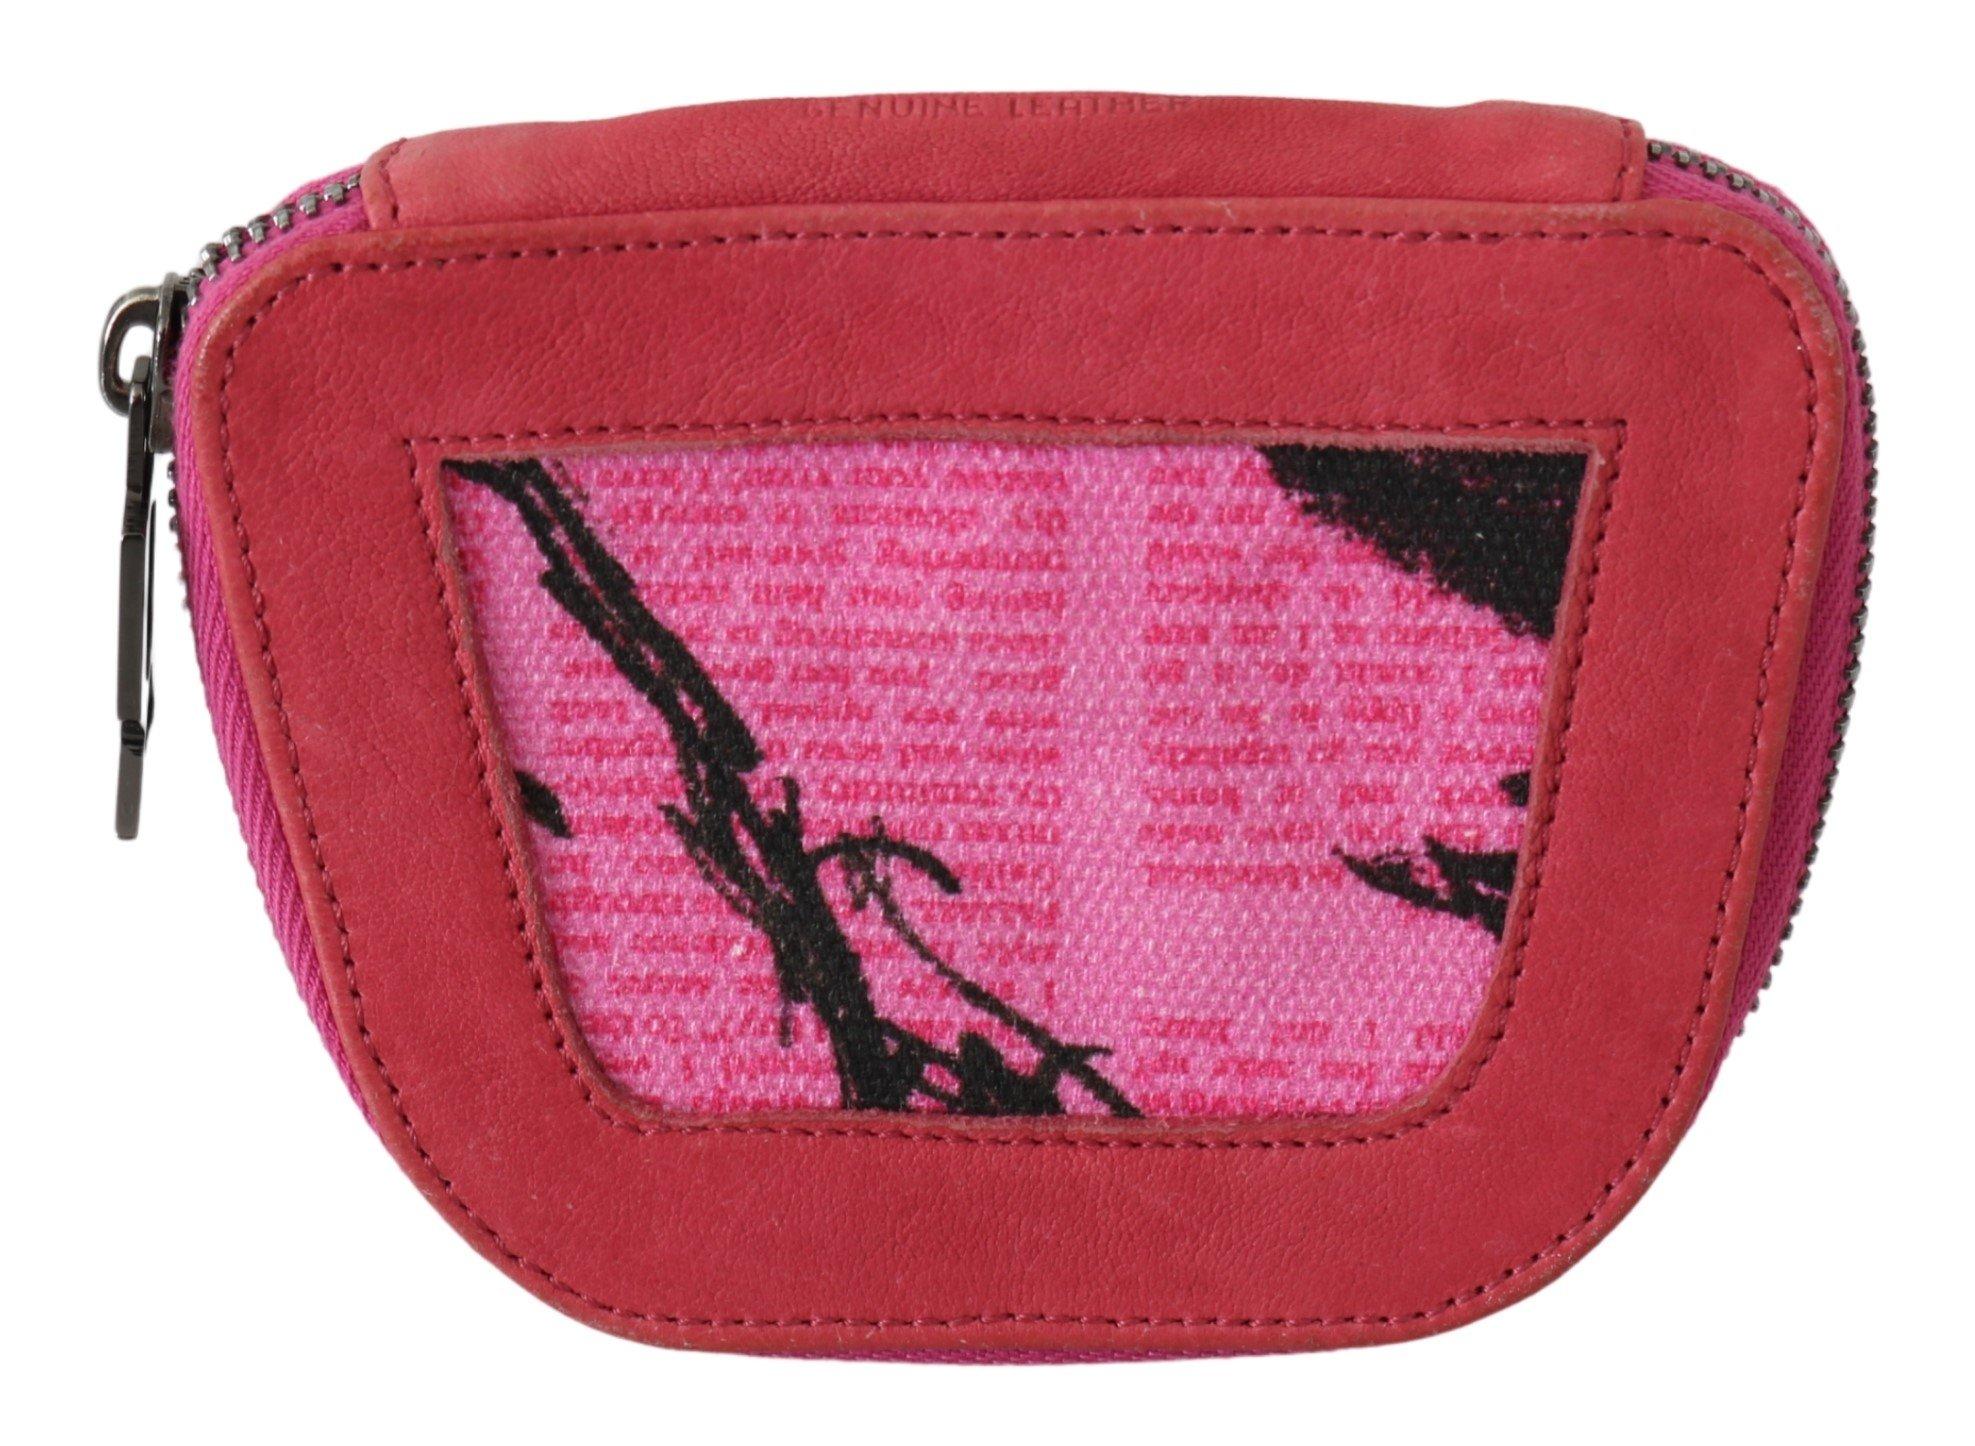 PINKO Women's Suede Printed Coin Holder Wallet Pink VAS9138